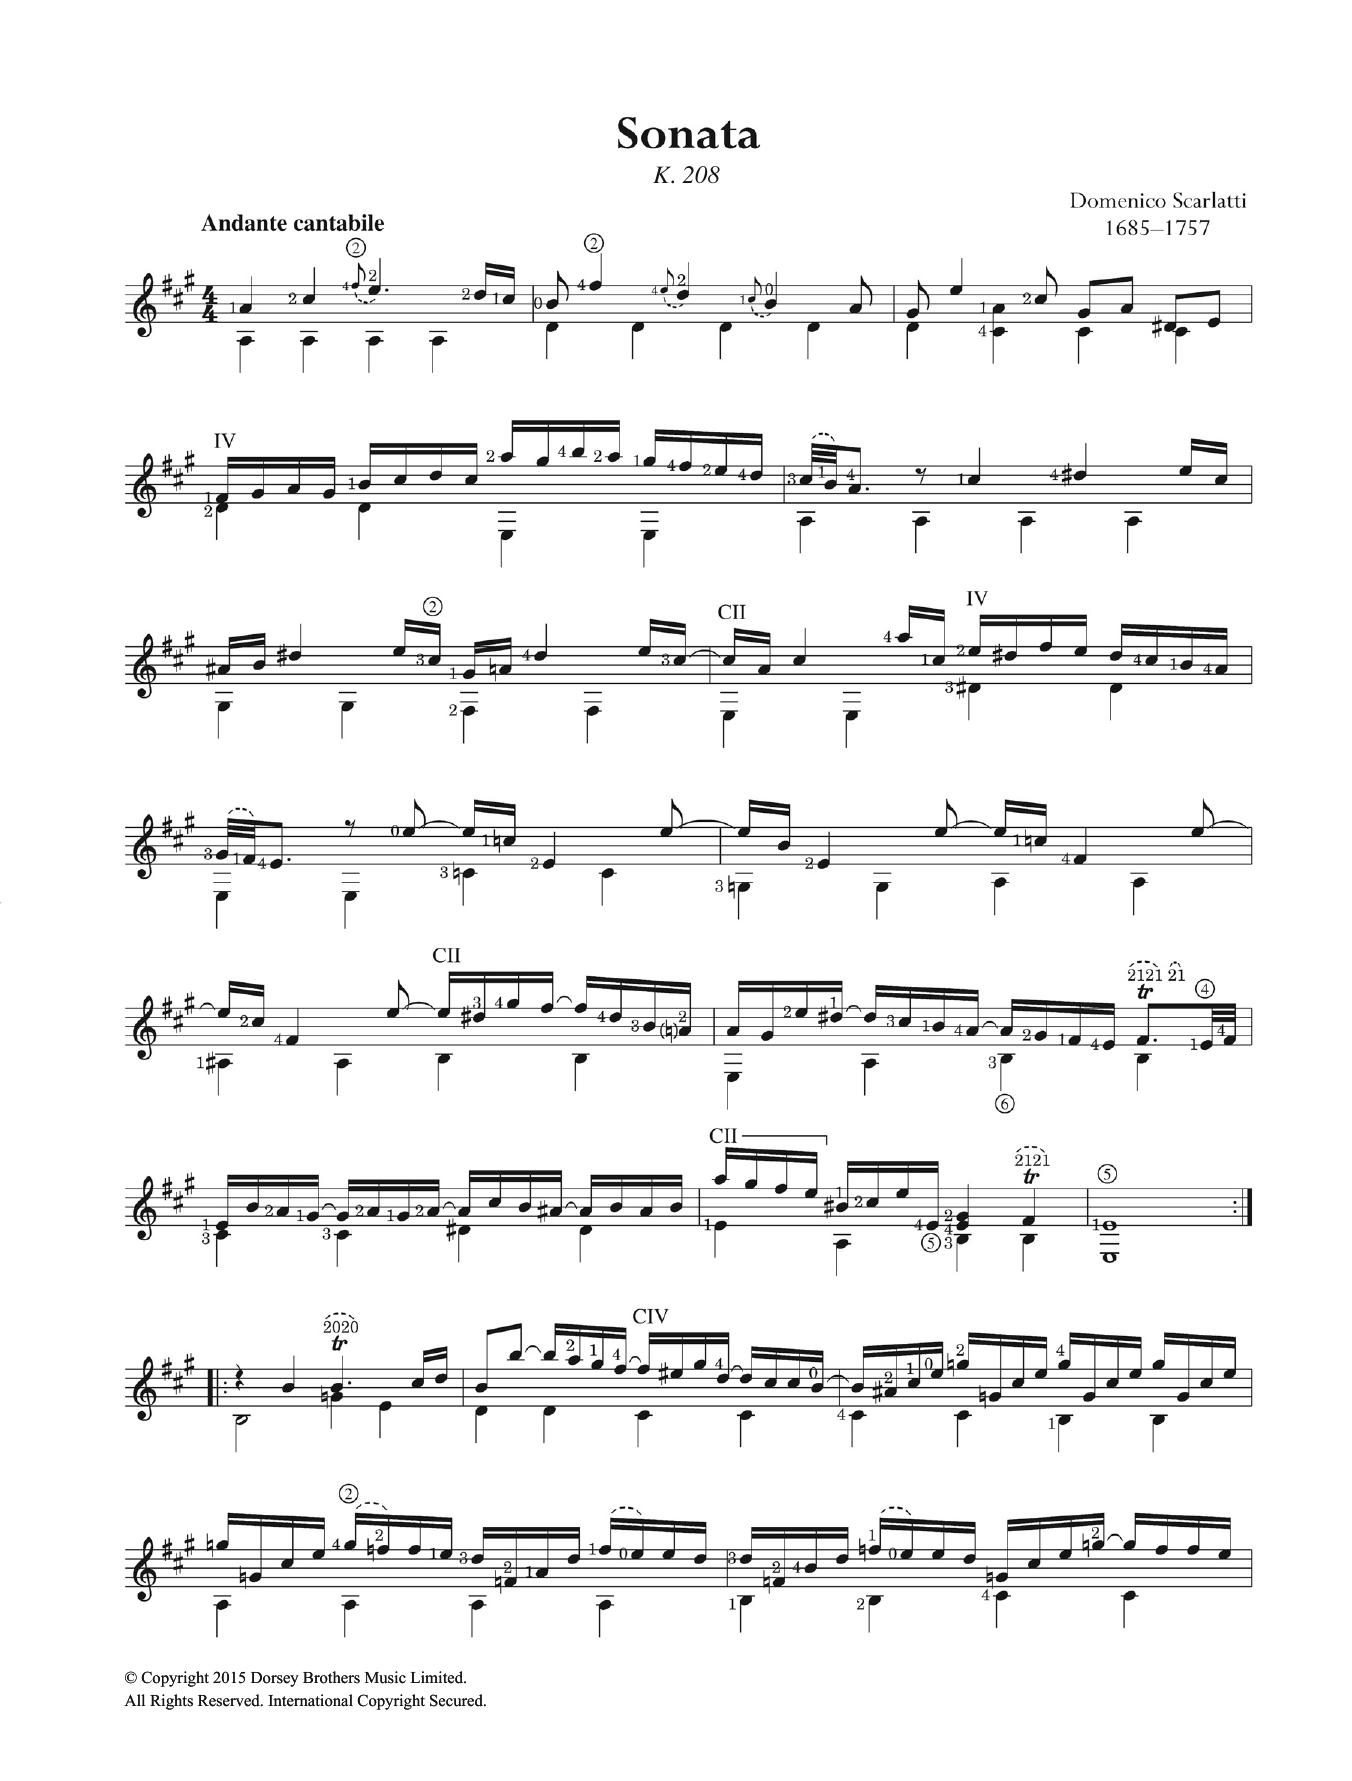 Domenico Scarlatti - Sonata K.208